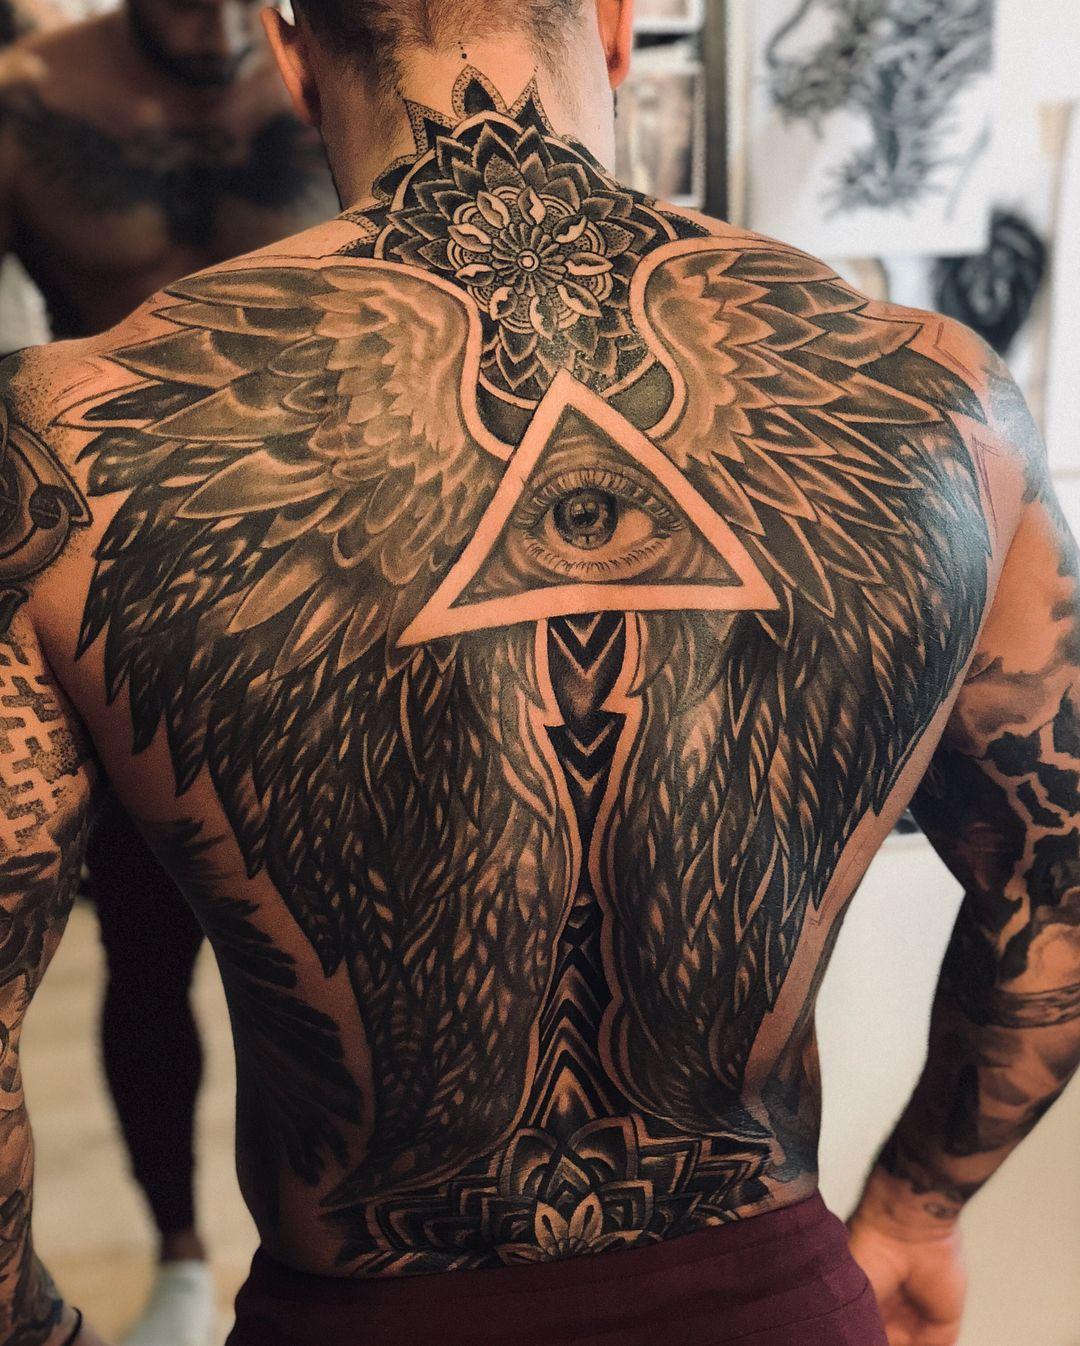 Pin De ส ร พงศ ภาน En Dig The Ink Tatuajes De Alas En La Espalda Tatuajes Molones Tatuajes De Alas